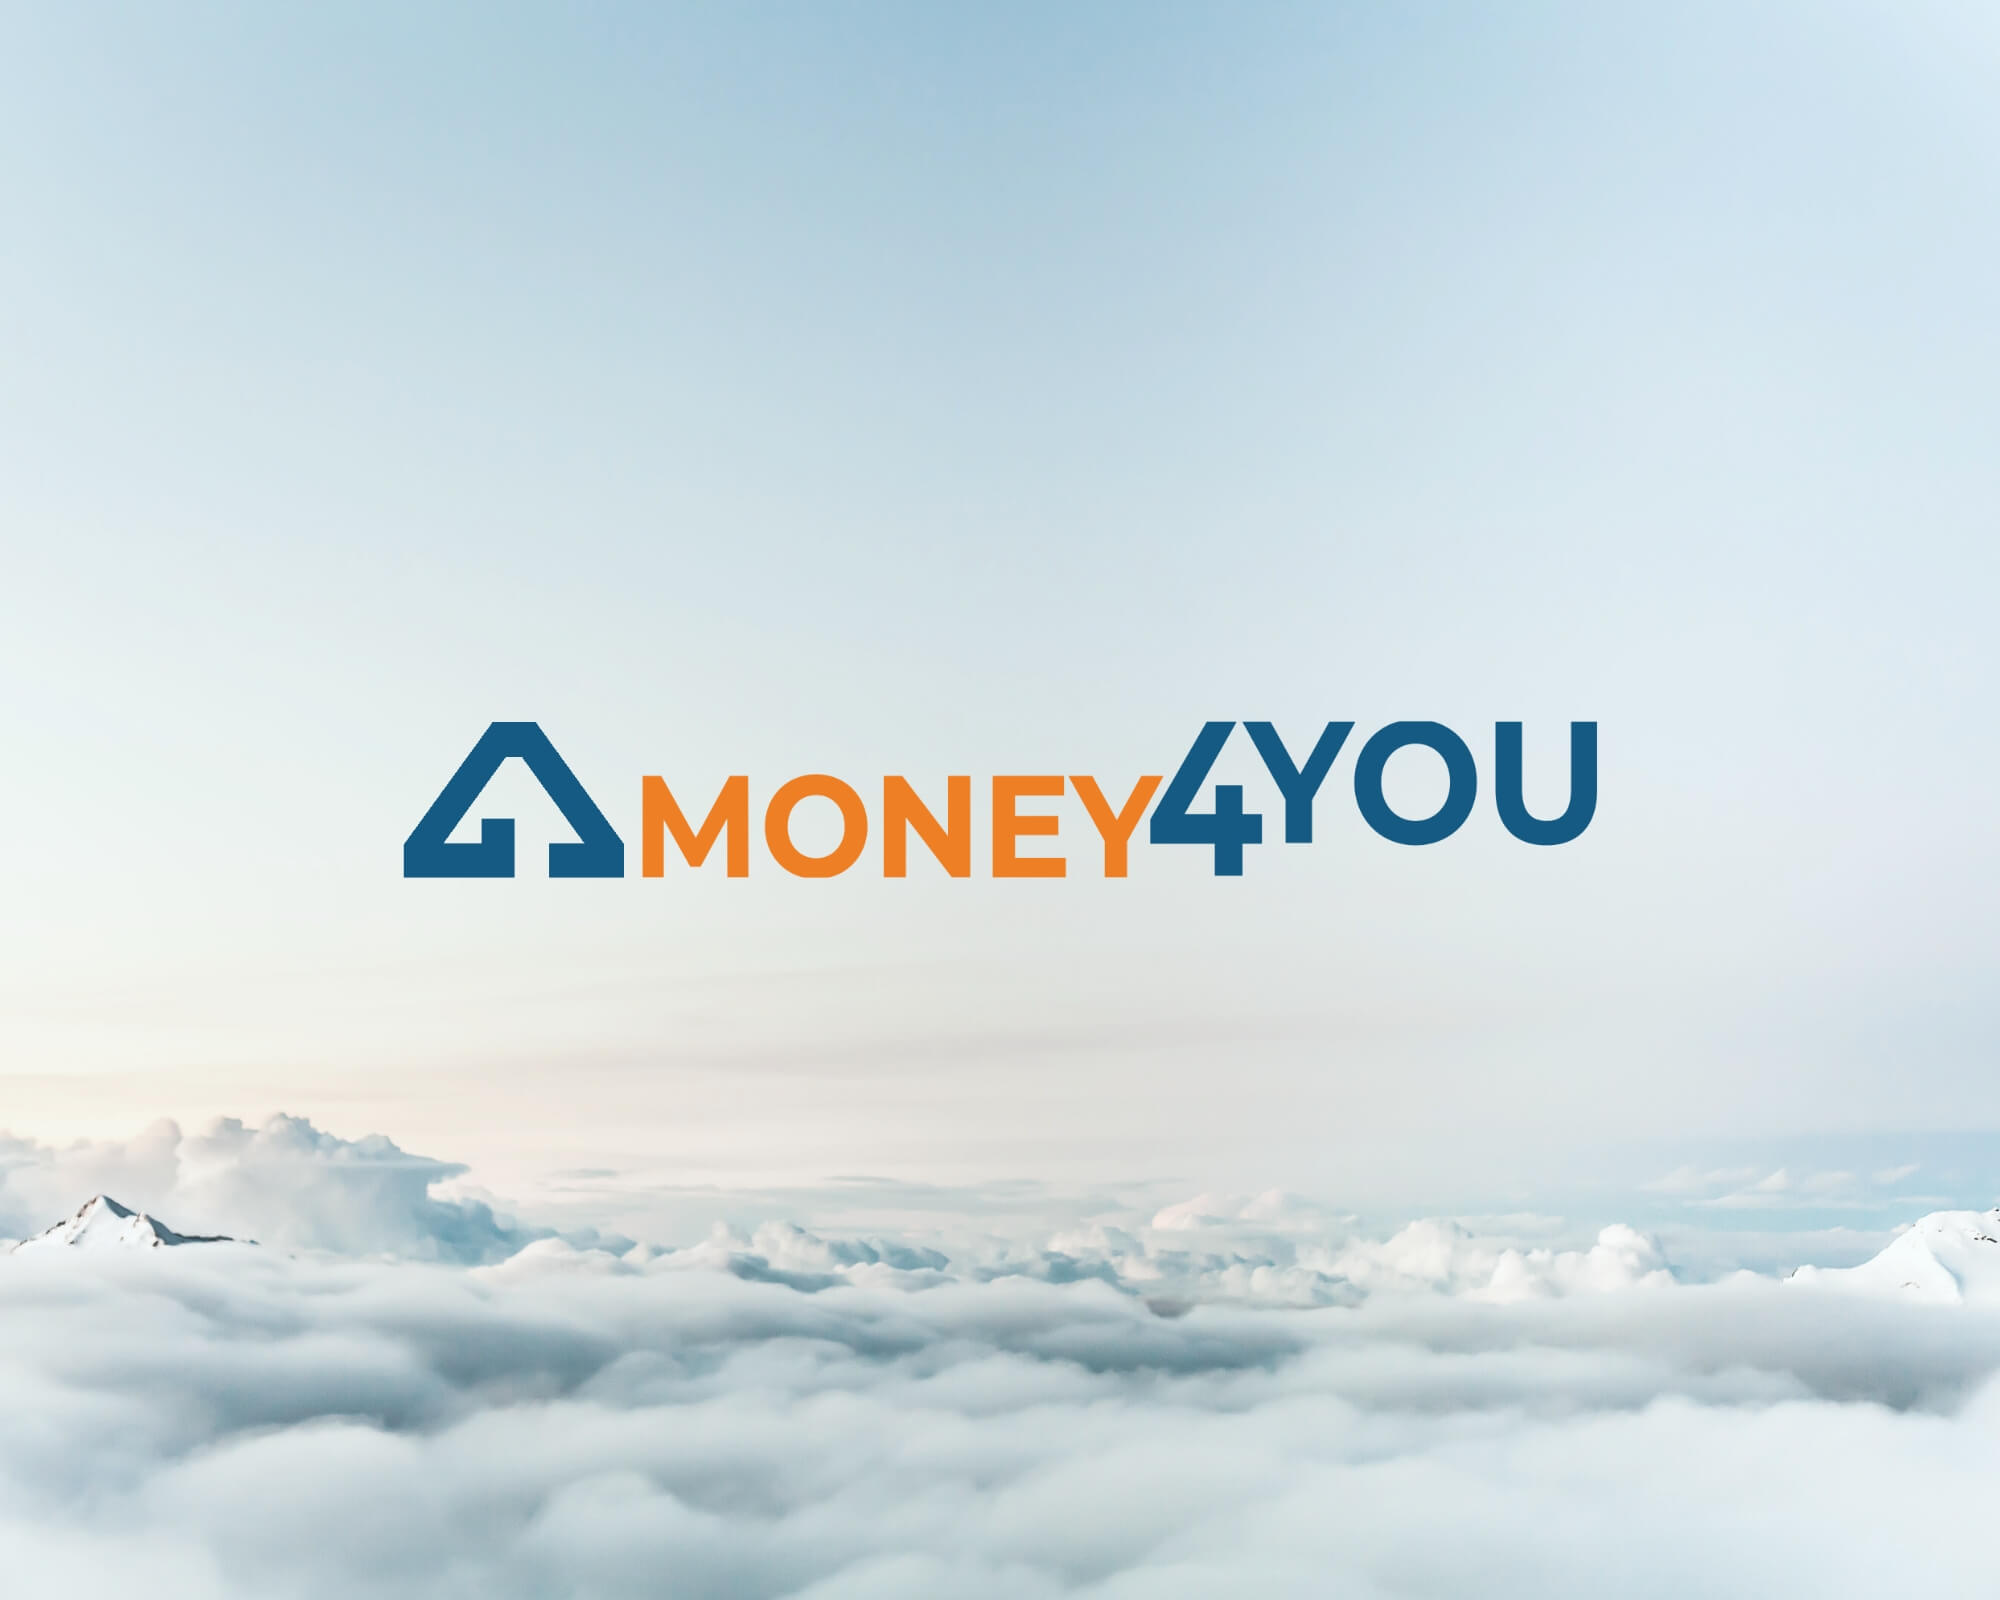 Money4you повышает кредитный лимит